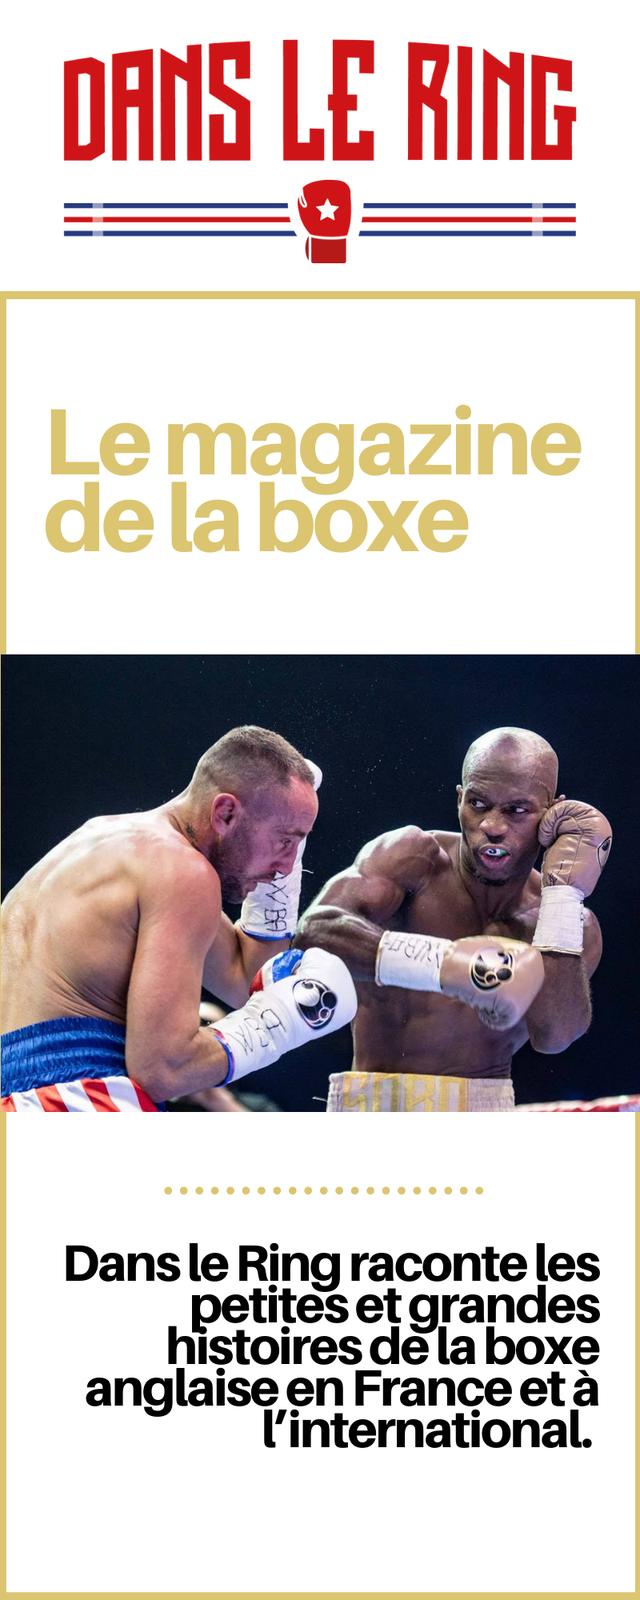 LE Le magazine de la boxe Dans le Ring raconte les petites et grandes histoires de la boxe anglaise en France et a